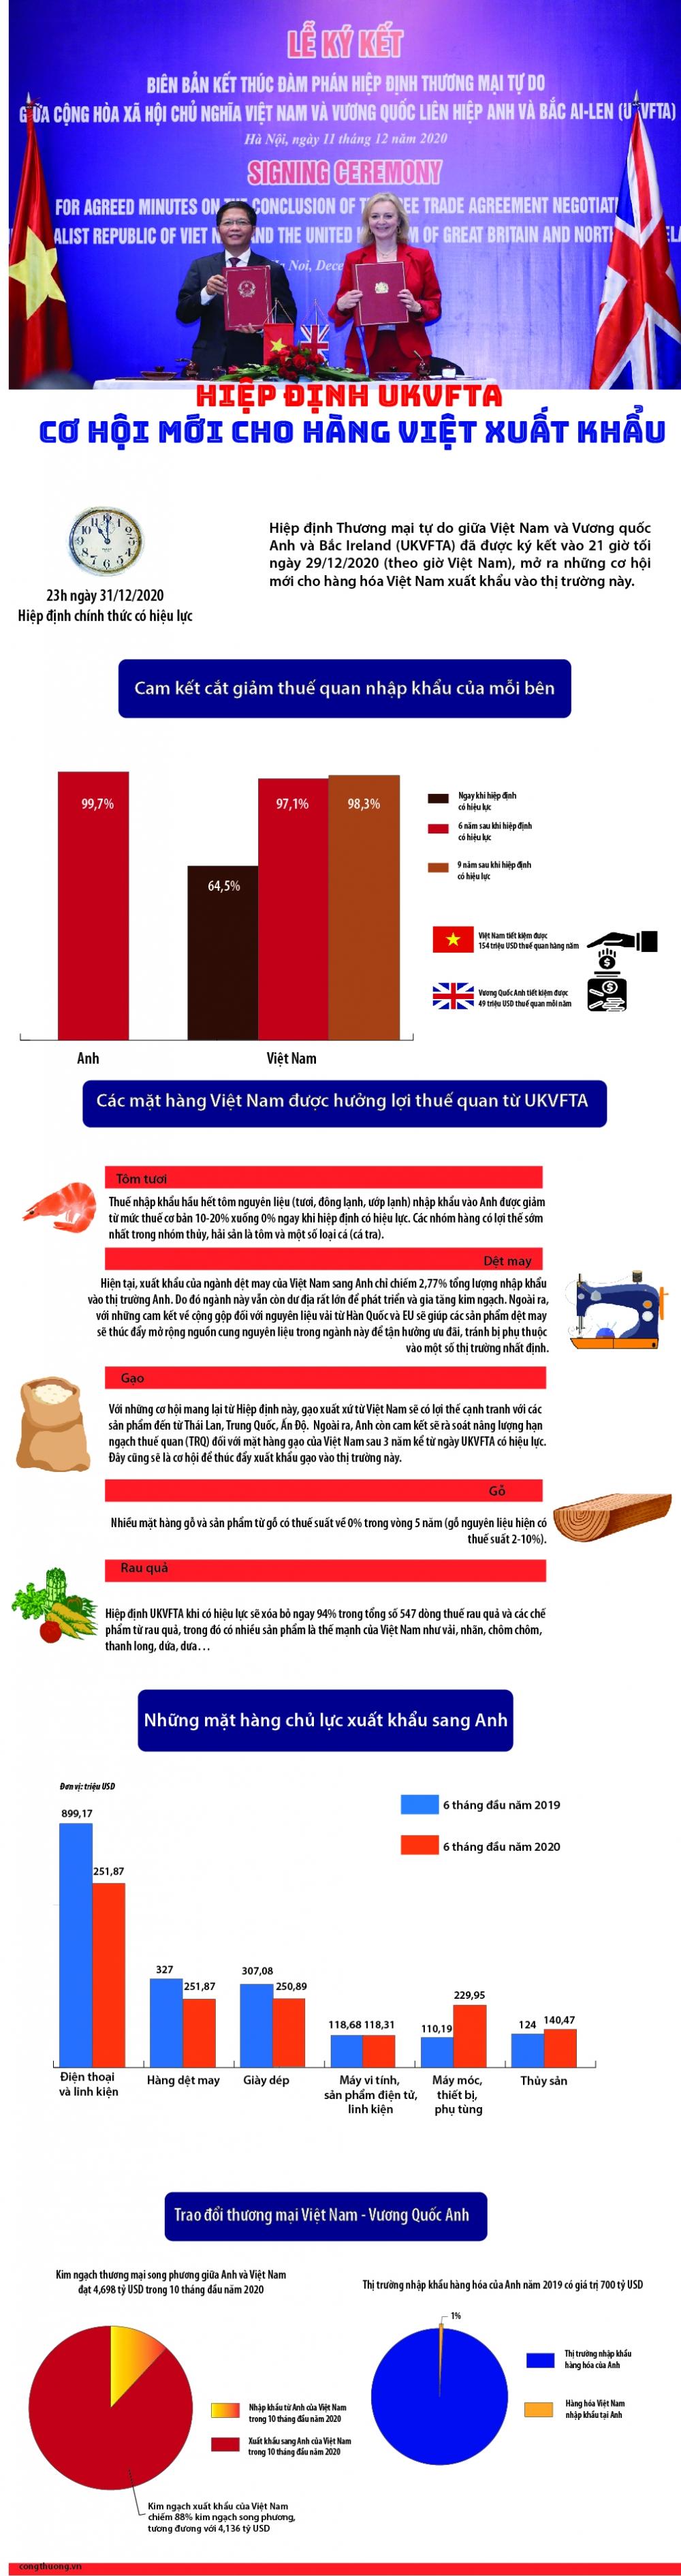 Infographic: Hiệp định UKVFTA – Cơ hội mới cho hàng Việt xuất khẩu